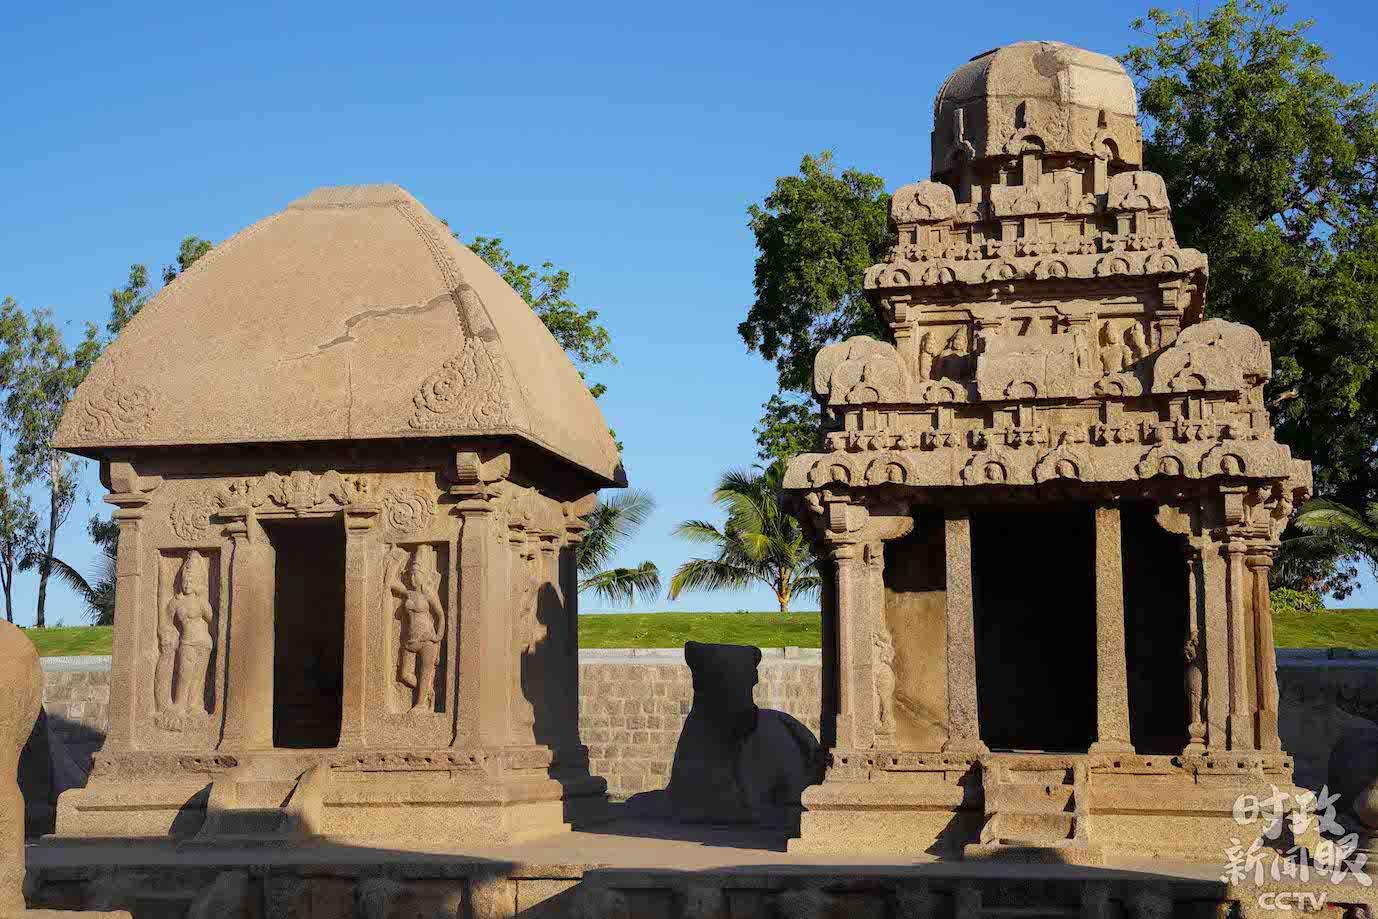 △黑公主战车(左)是其中最小的一座,里头雕刻的是女神杜尔加。它旁边是阿周那战车(右),据称该战车奉献给湿婆神。